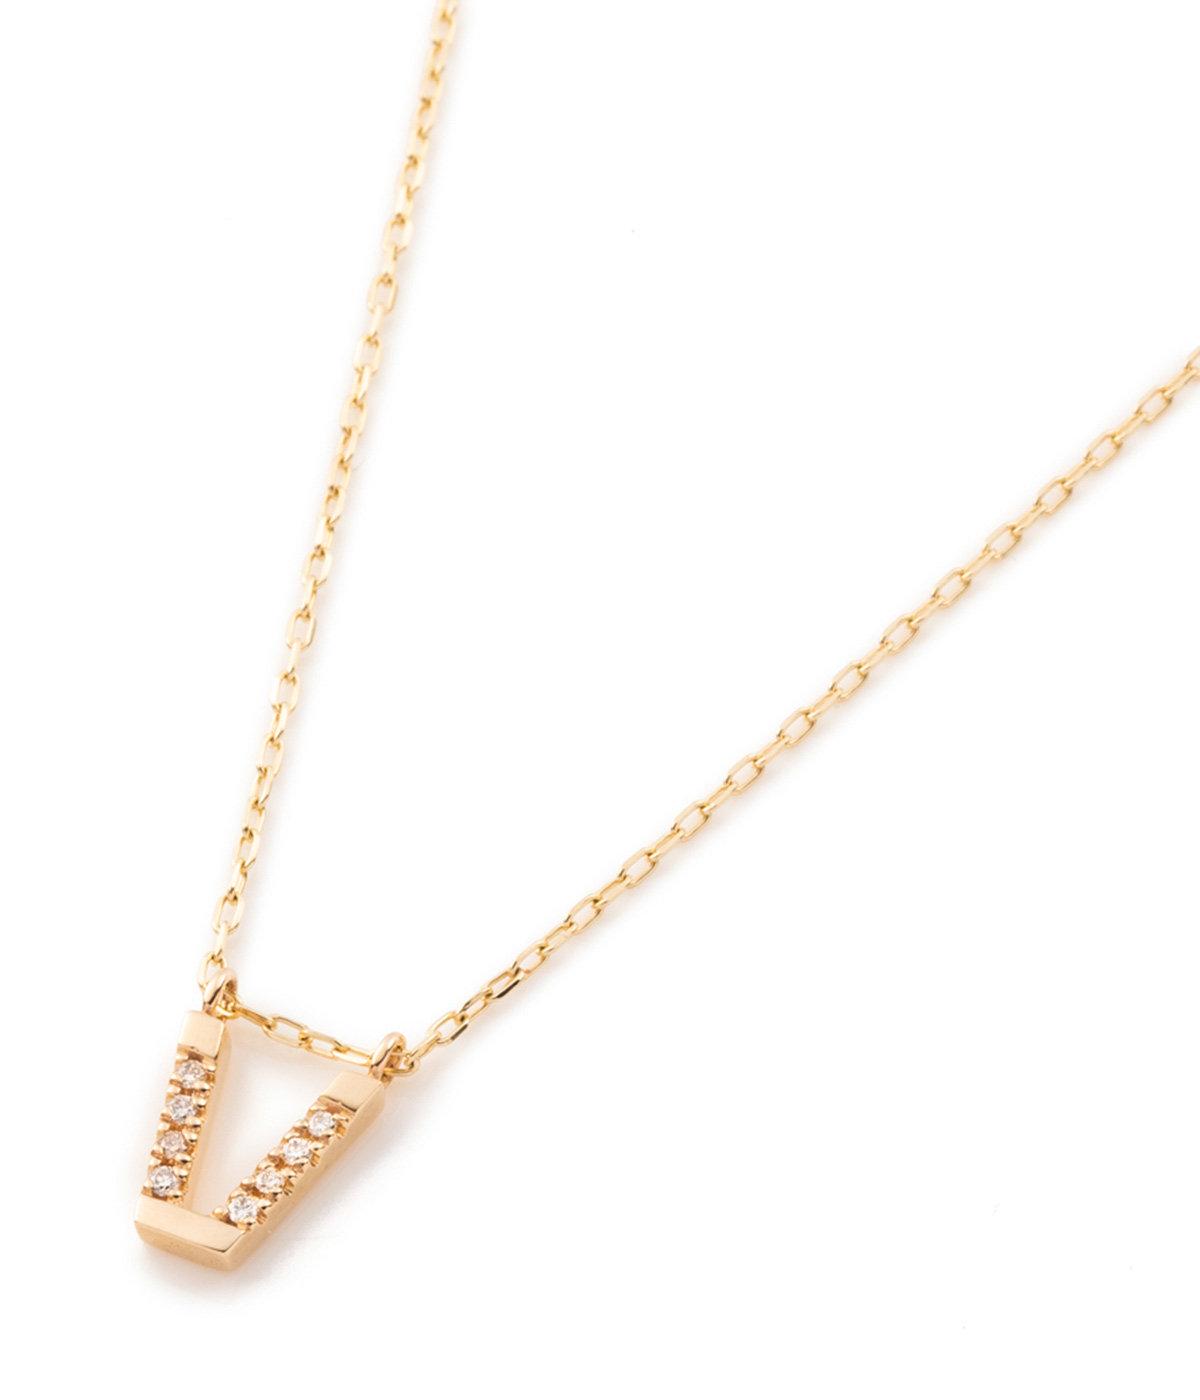 【レディース】Manhhatan Diamond Necklace